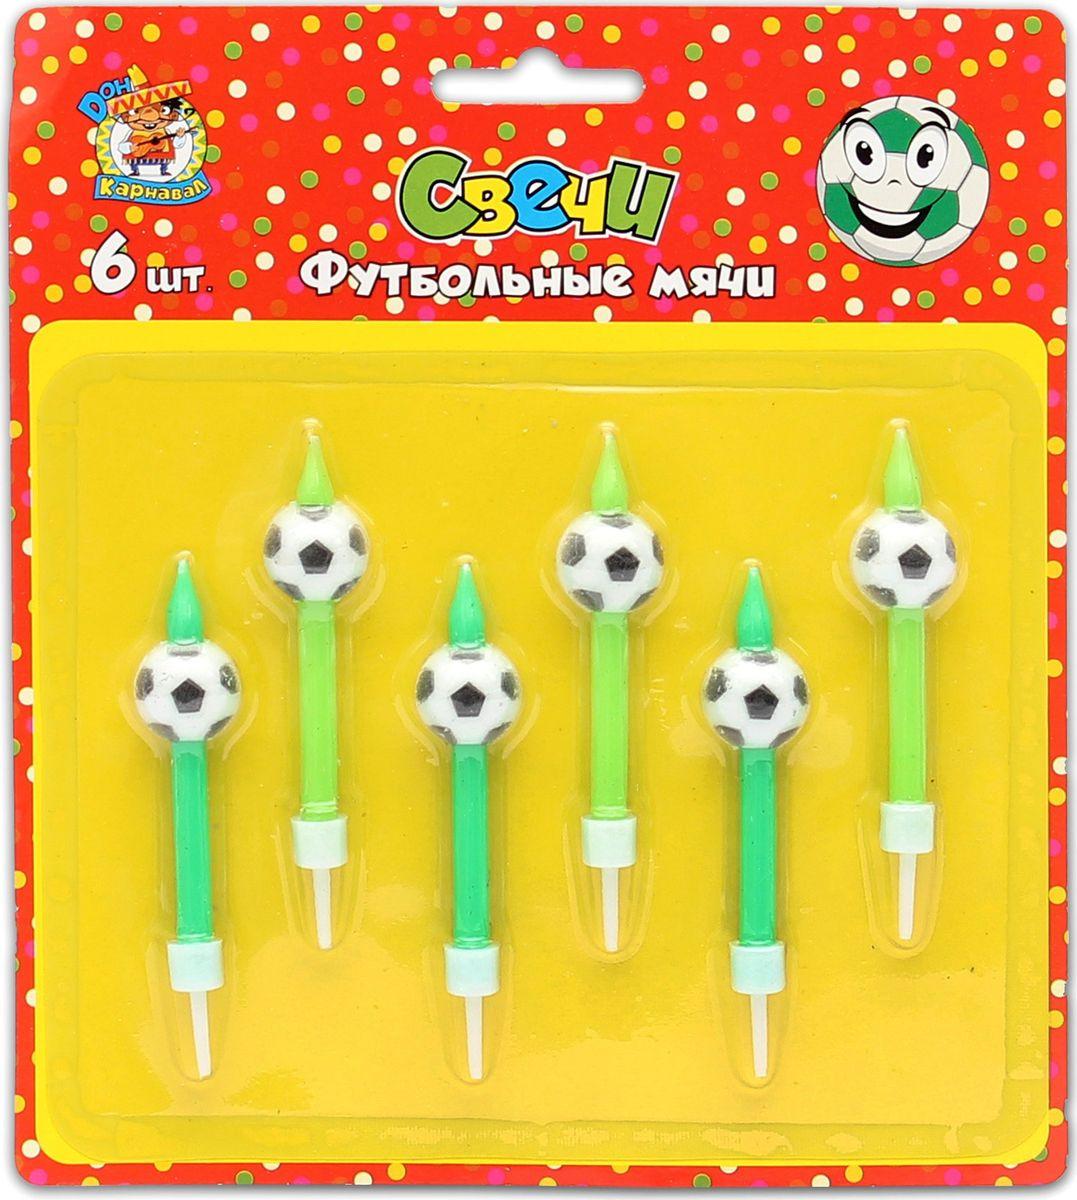 Свечи для торта с подставками Miland Футбольные мячи, С-2626, разноцветный, 6 шт